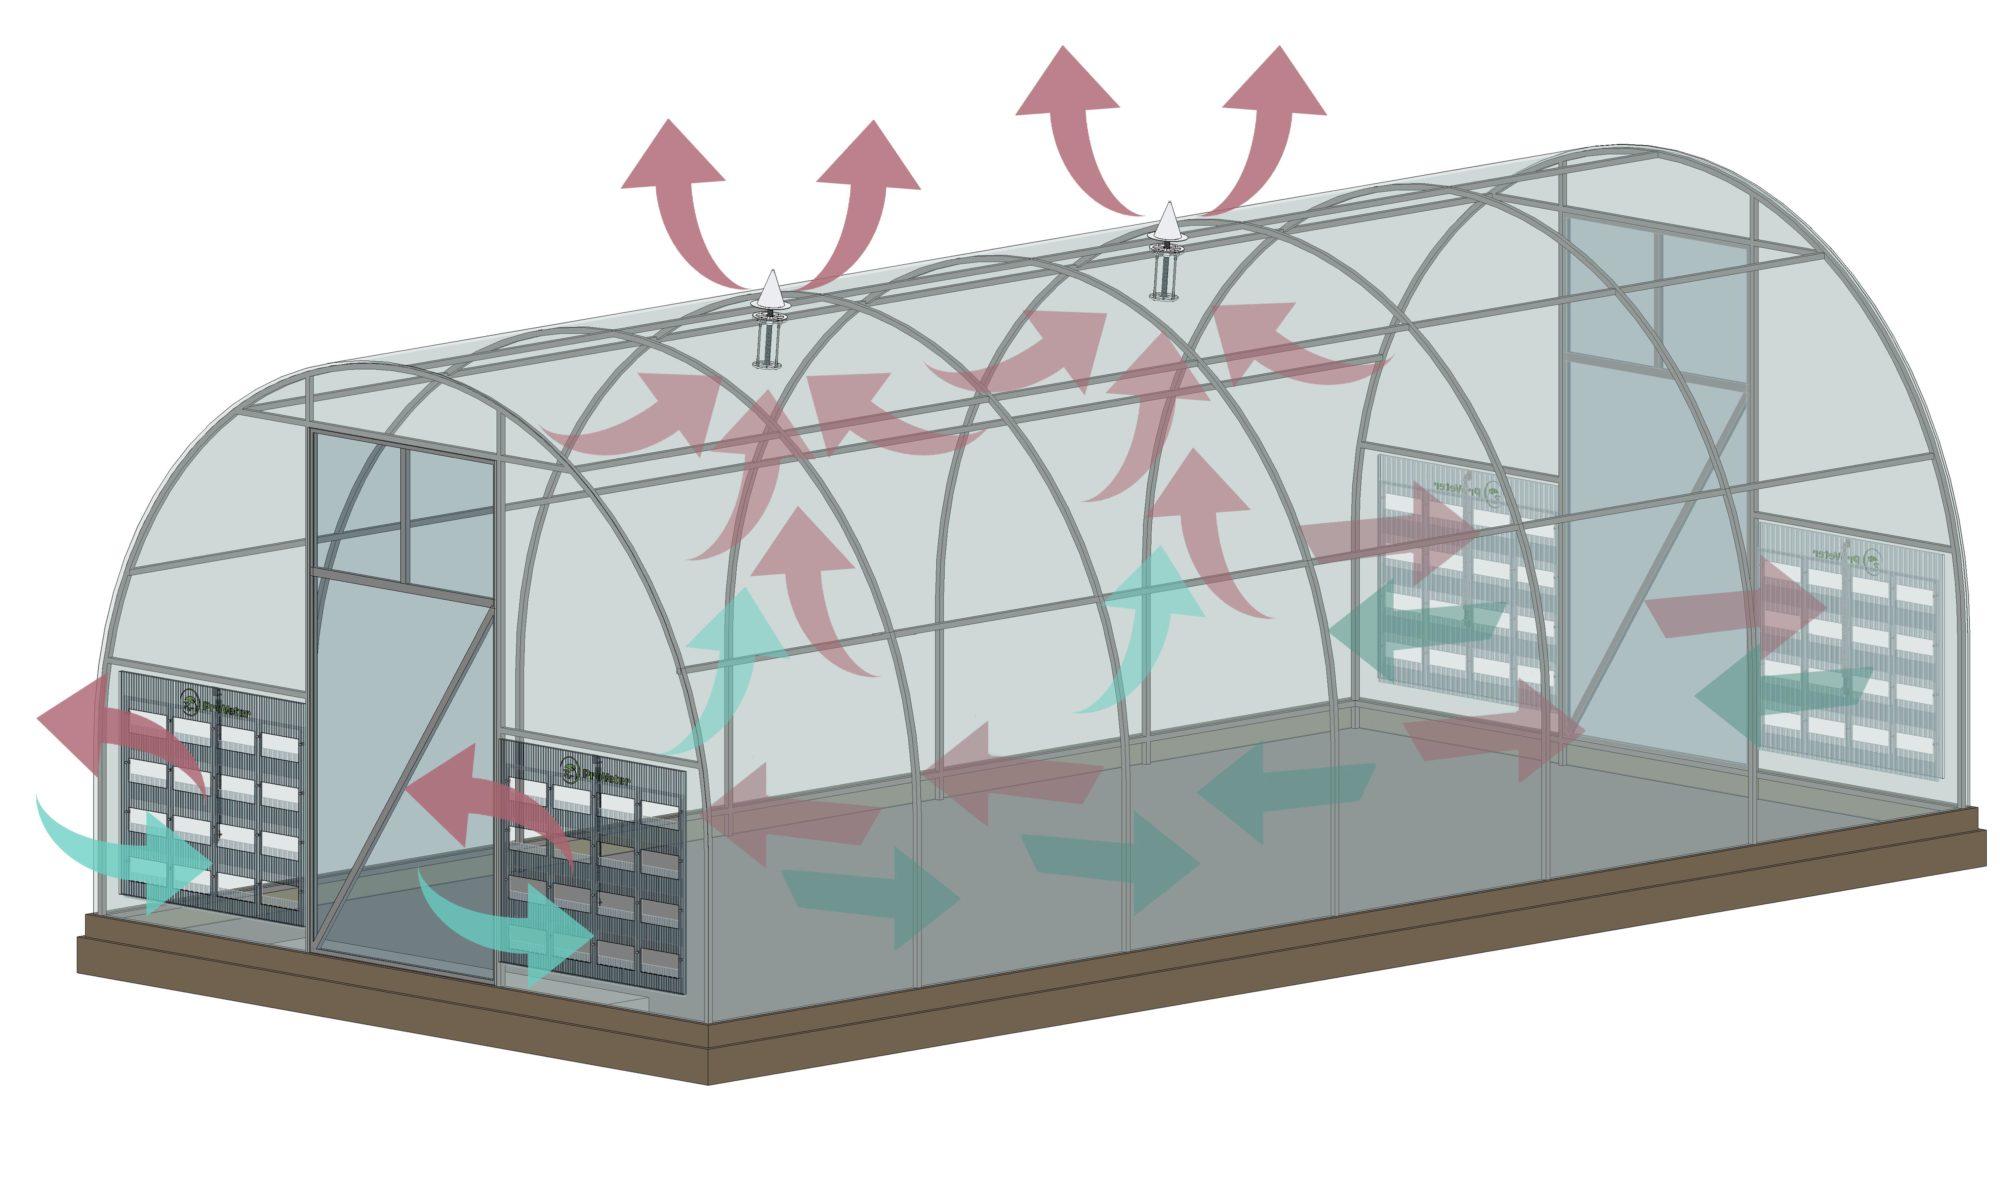 В теплицах со сквозной продольной вентиляцией помидоры и огурцы лучше высаживать по обе стороны центральной дорожки